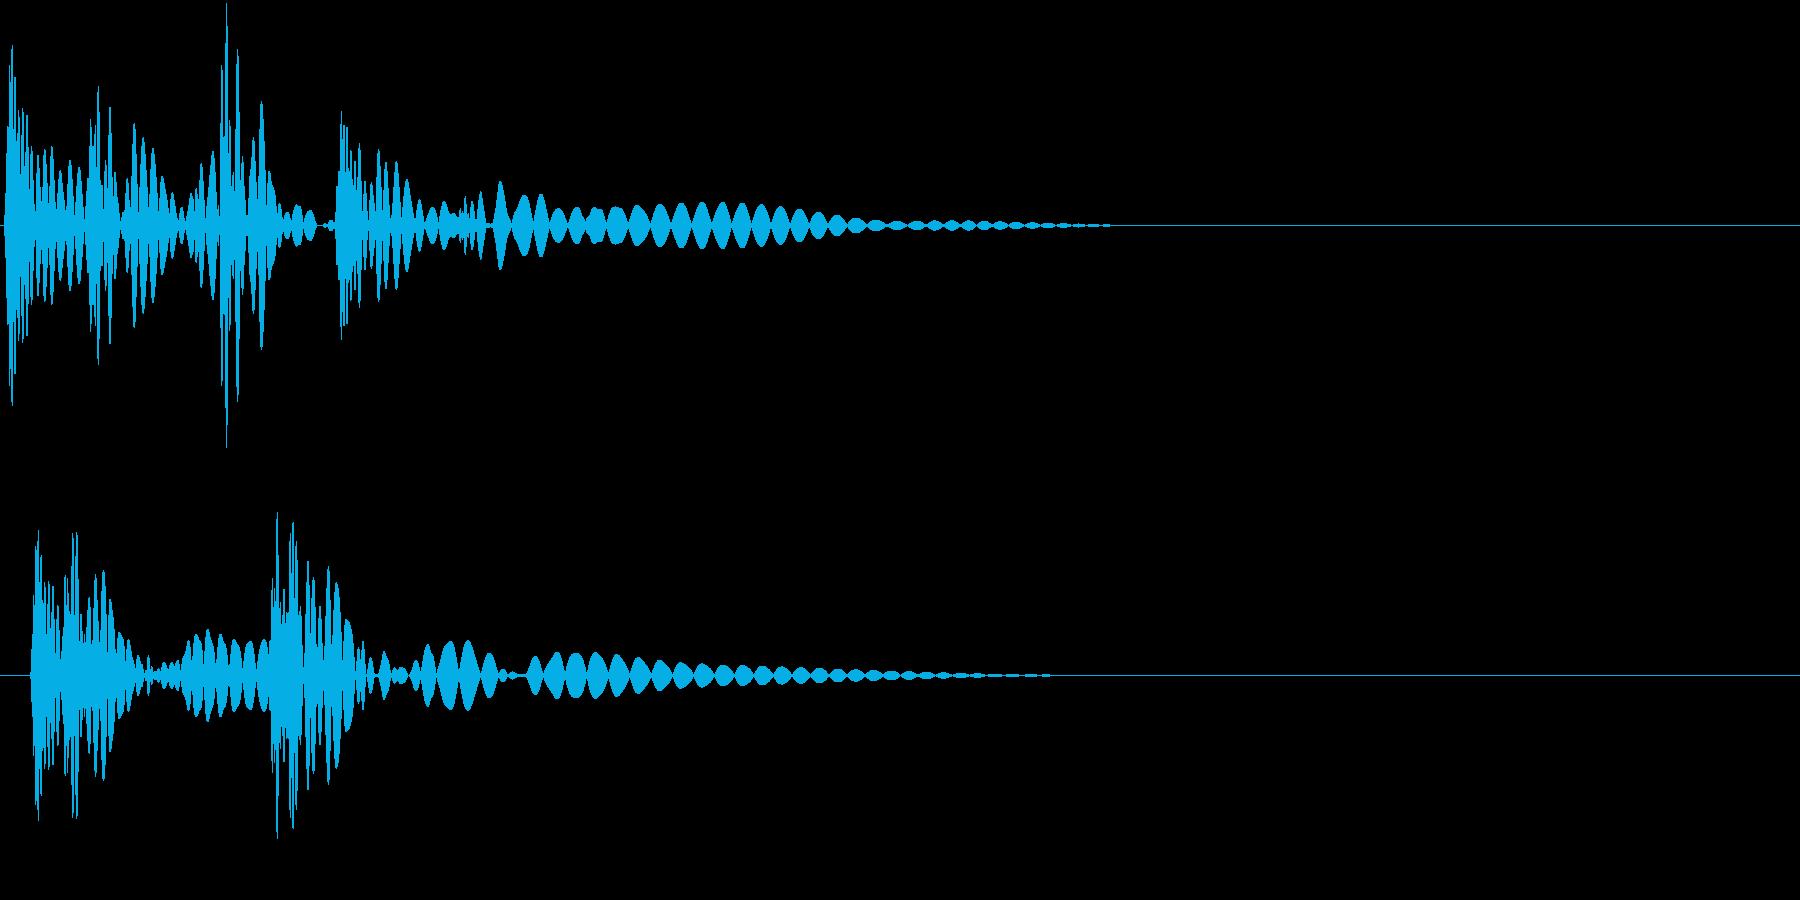 HeartBeat 心臓の音 6 単発の再生済みの波形